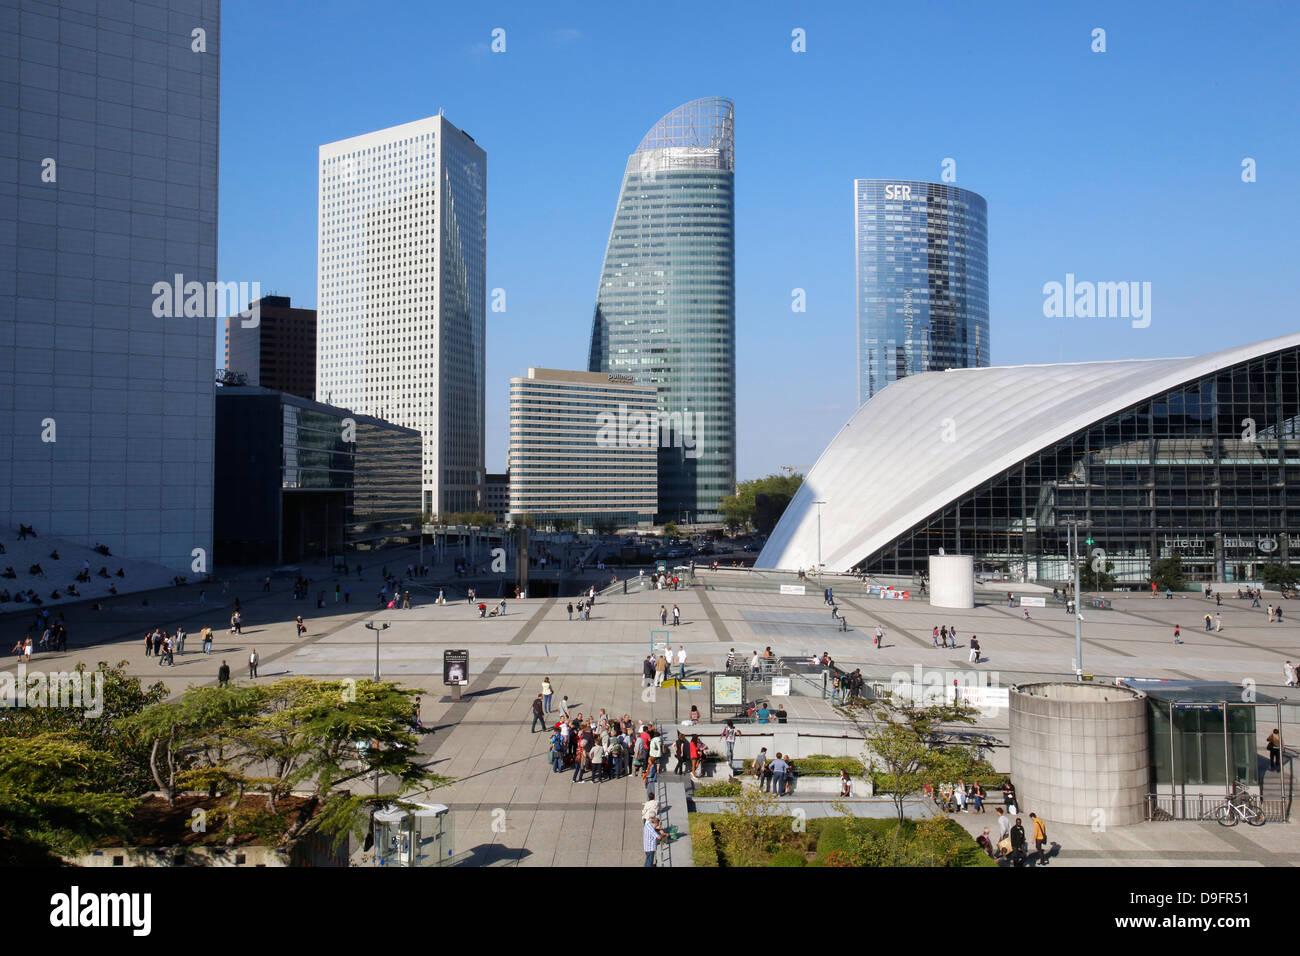 La Defense business district, Paris, France Stock Photo